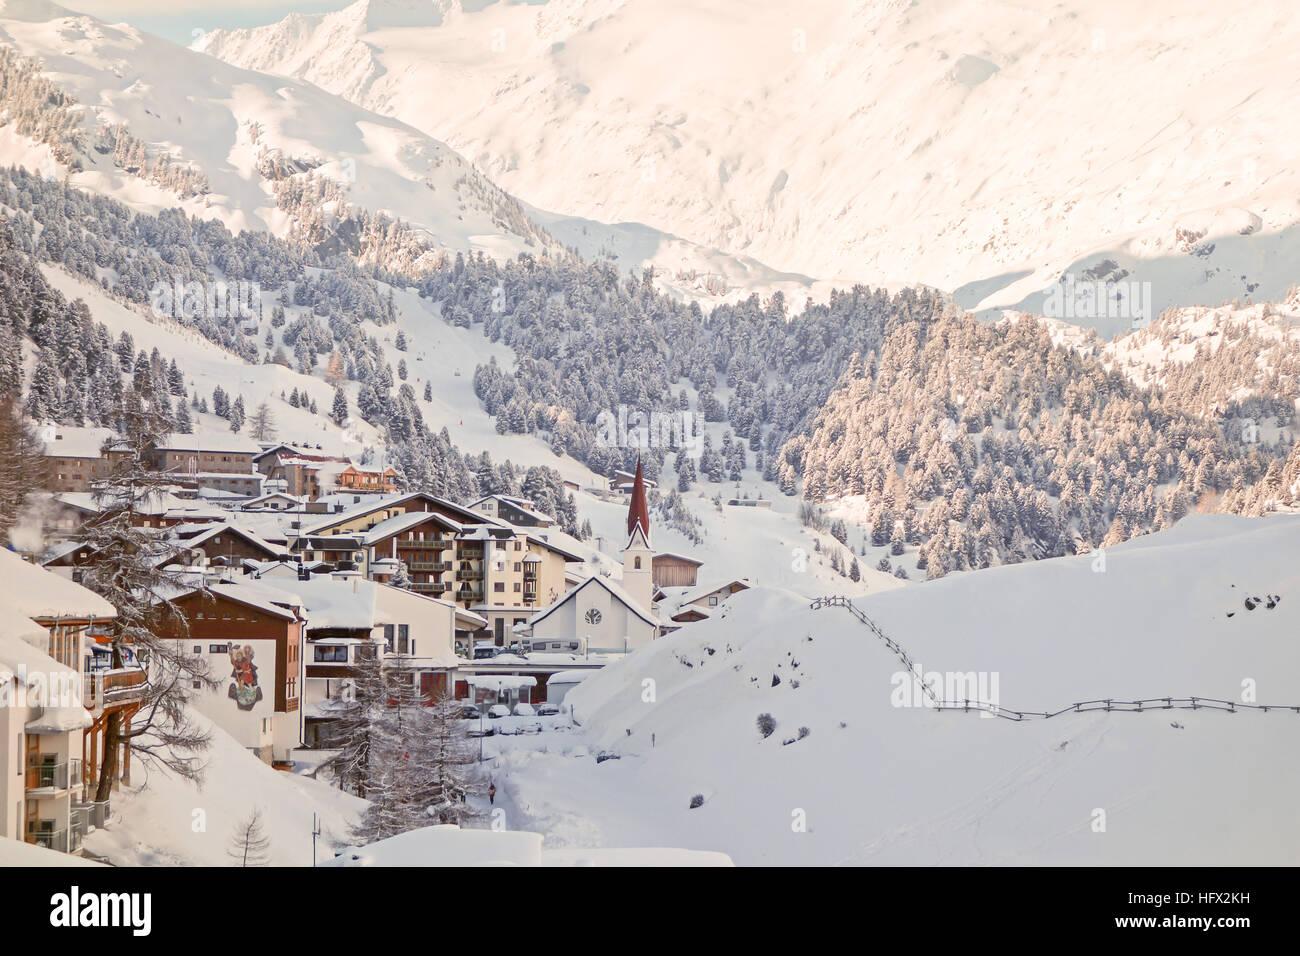 Obergurgl - eine österreichische Ski-Resort-Dorf Stockbild